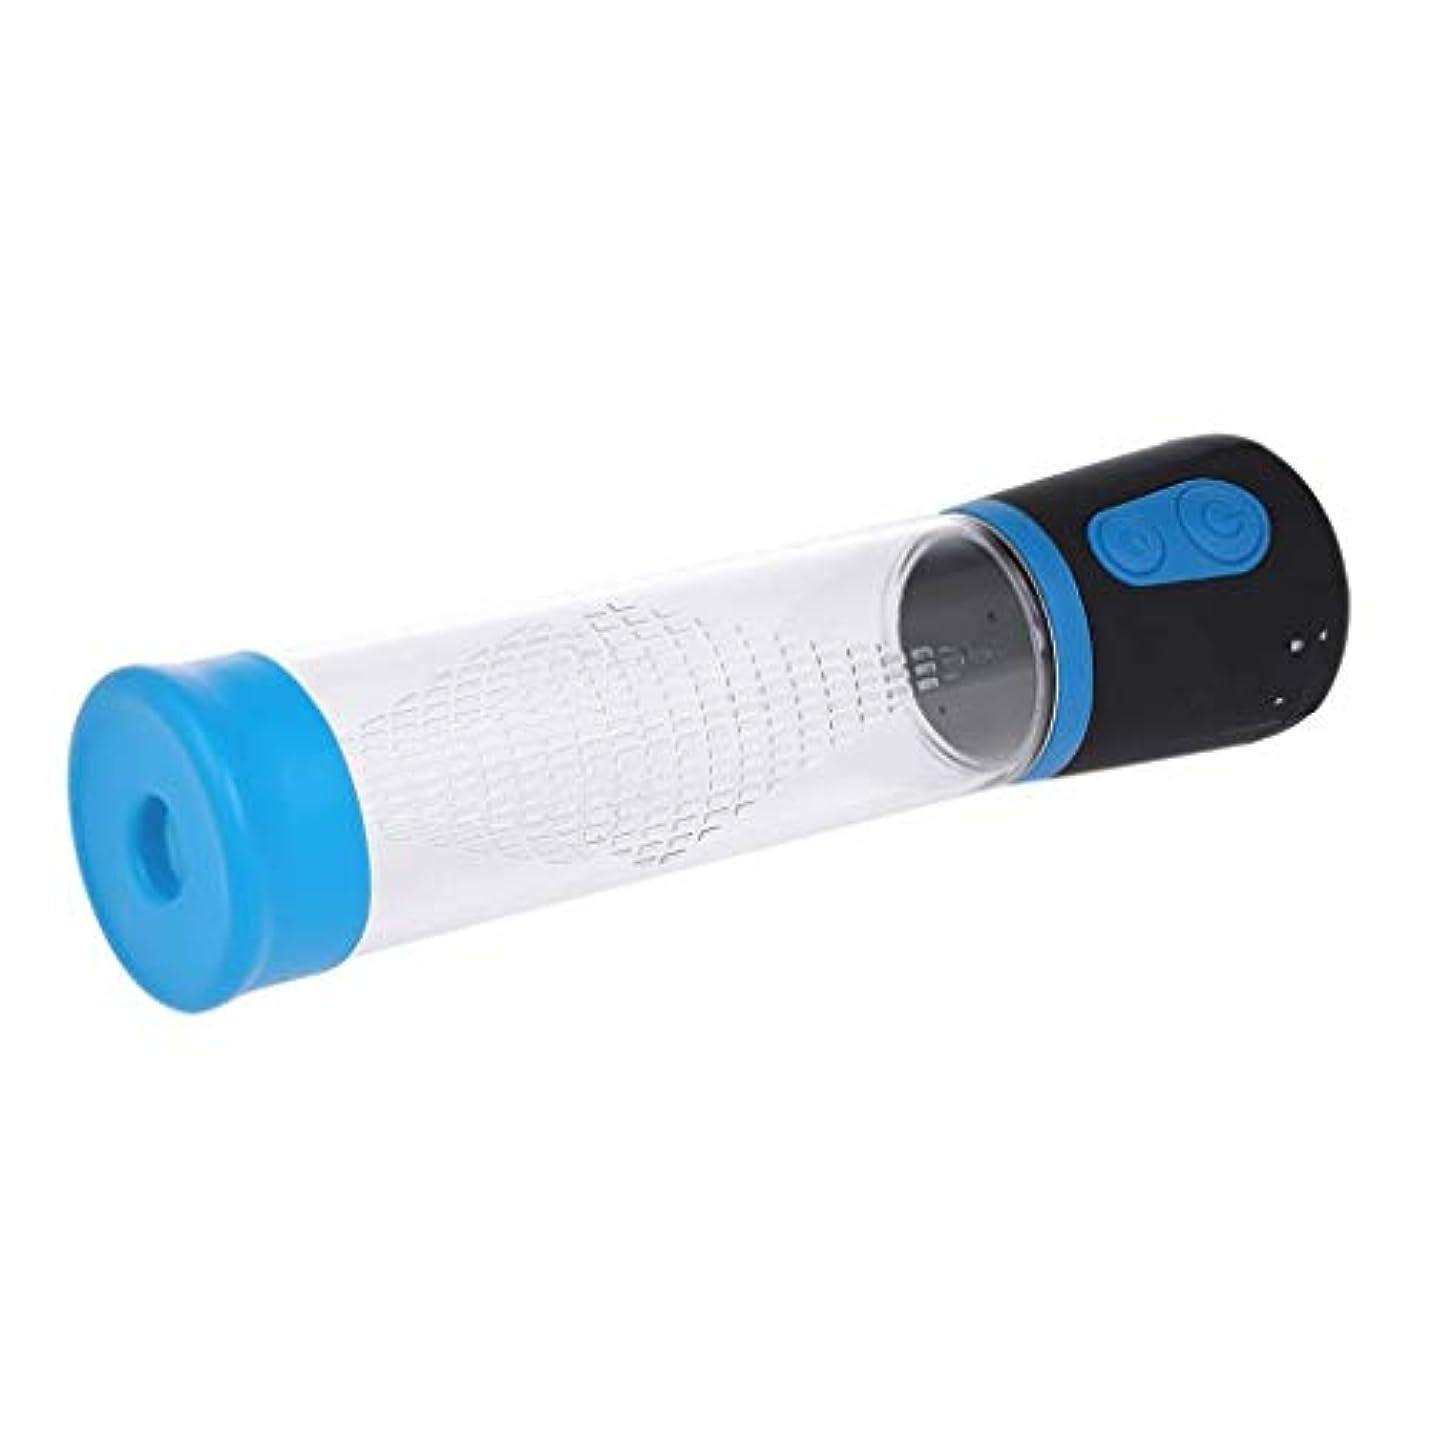 維持するグレード弾力性のある人のための防水高級電気ポンプポンプセットエンハンサーデバイスマッサージャー